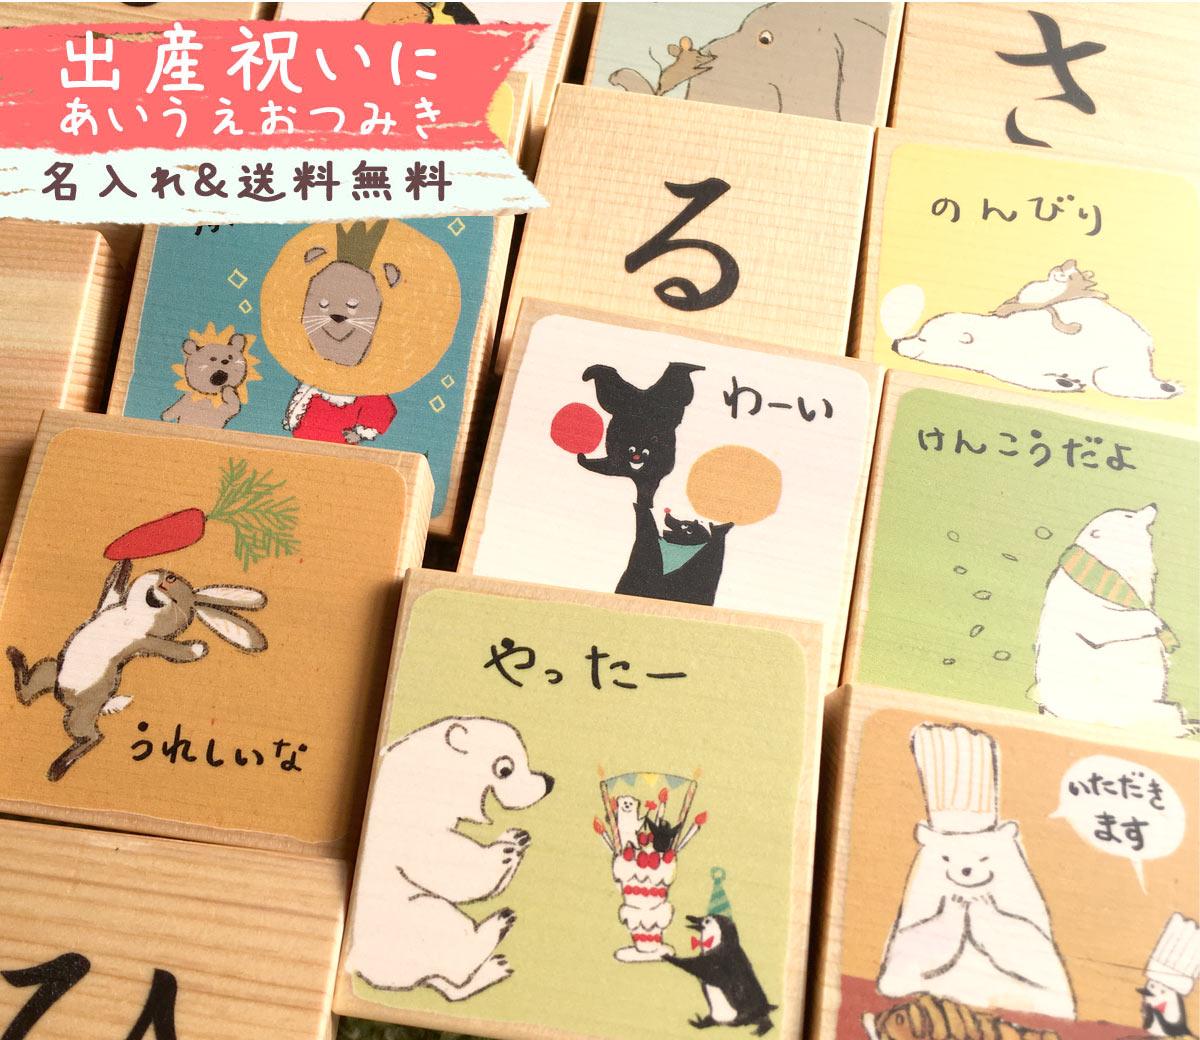 【名入れ】森のあいうえお ひらがな積み木 知育玩具 イラストレーターももろ×日本モッキ 出産祝い・ベビーギフト・こどもの日 家遊び 木製(ヒノキ) 日本製